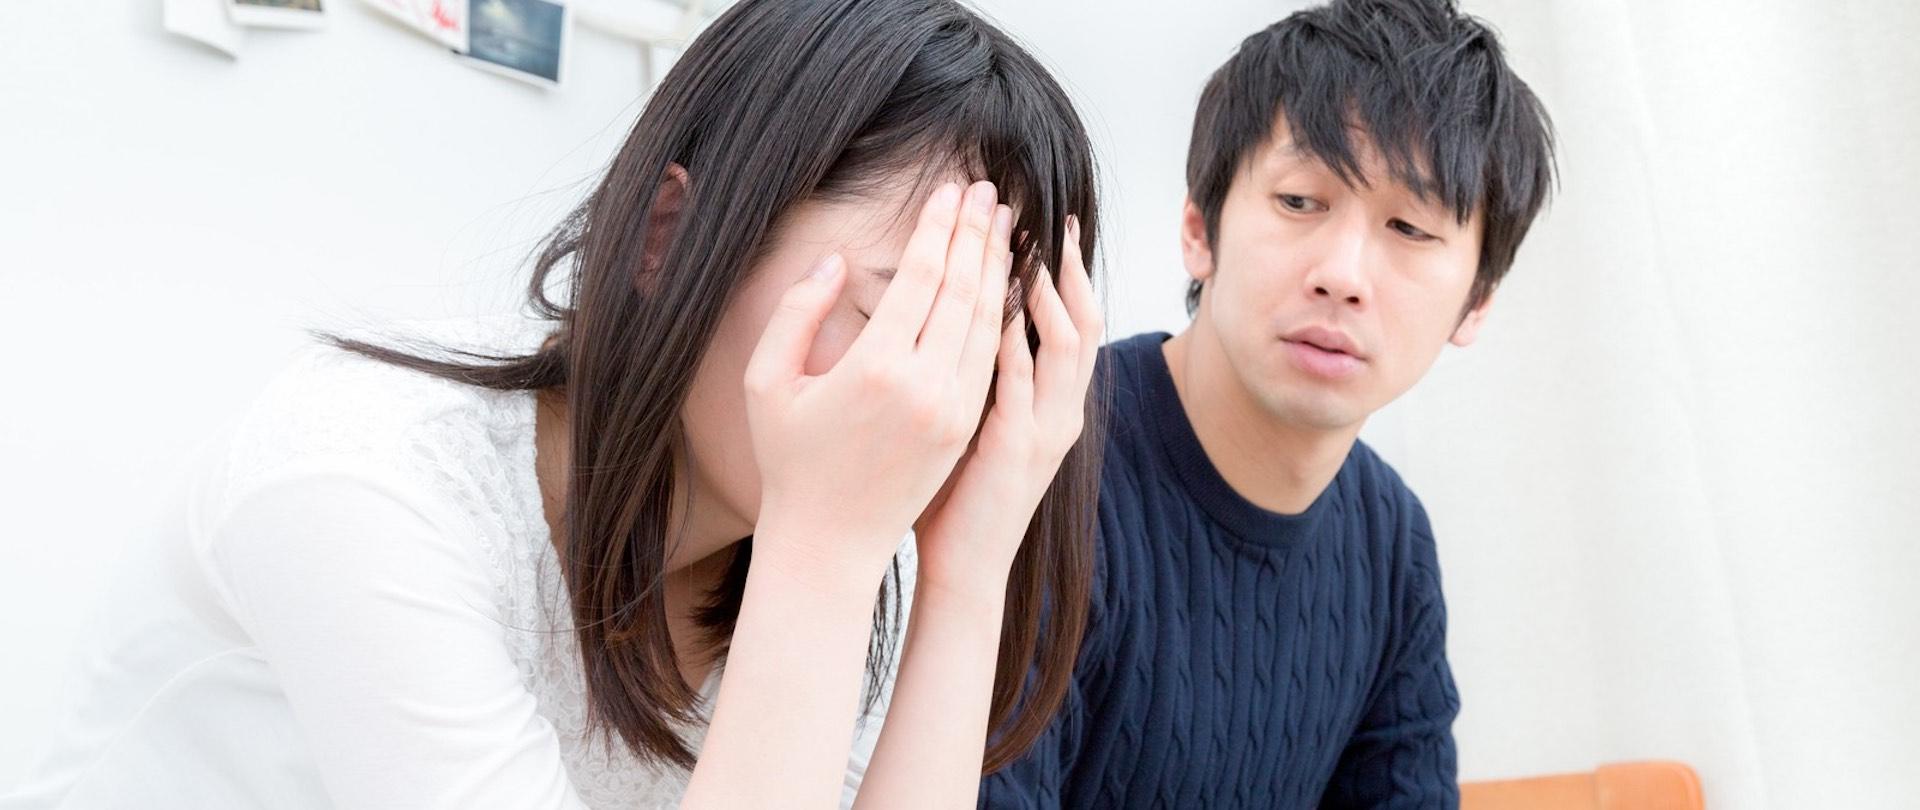 憂心過年返鄉遇三姑六婆 精神科門診增3成